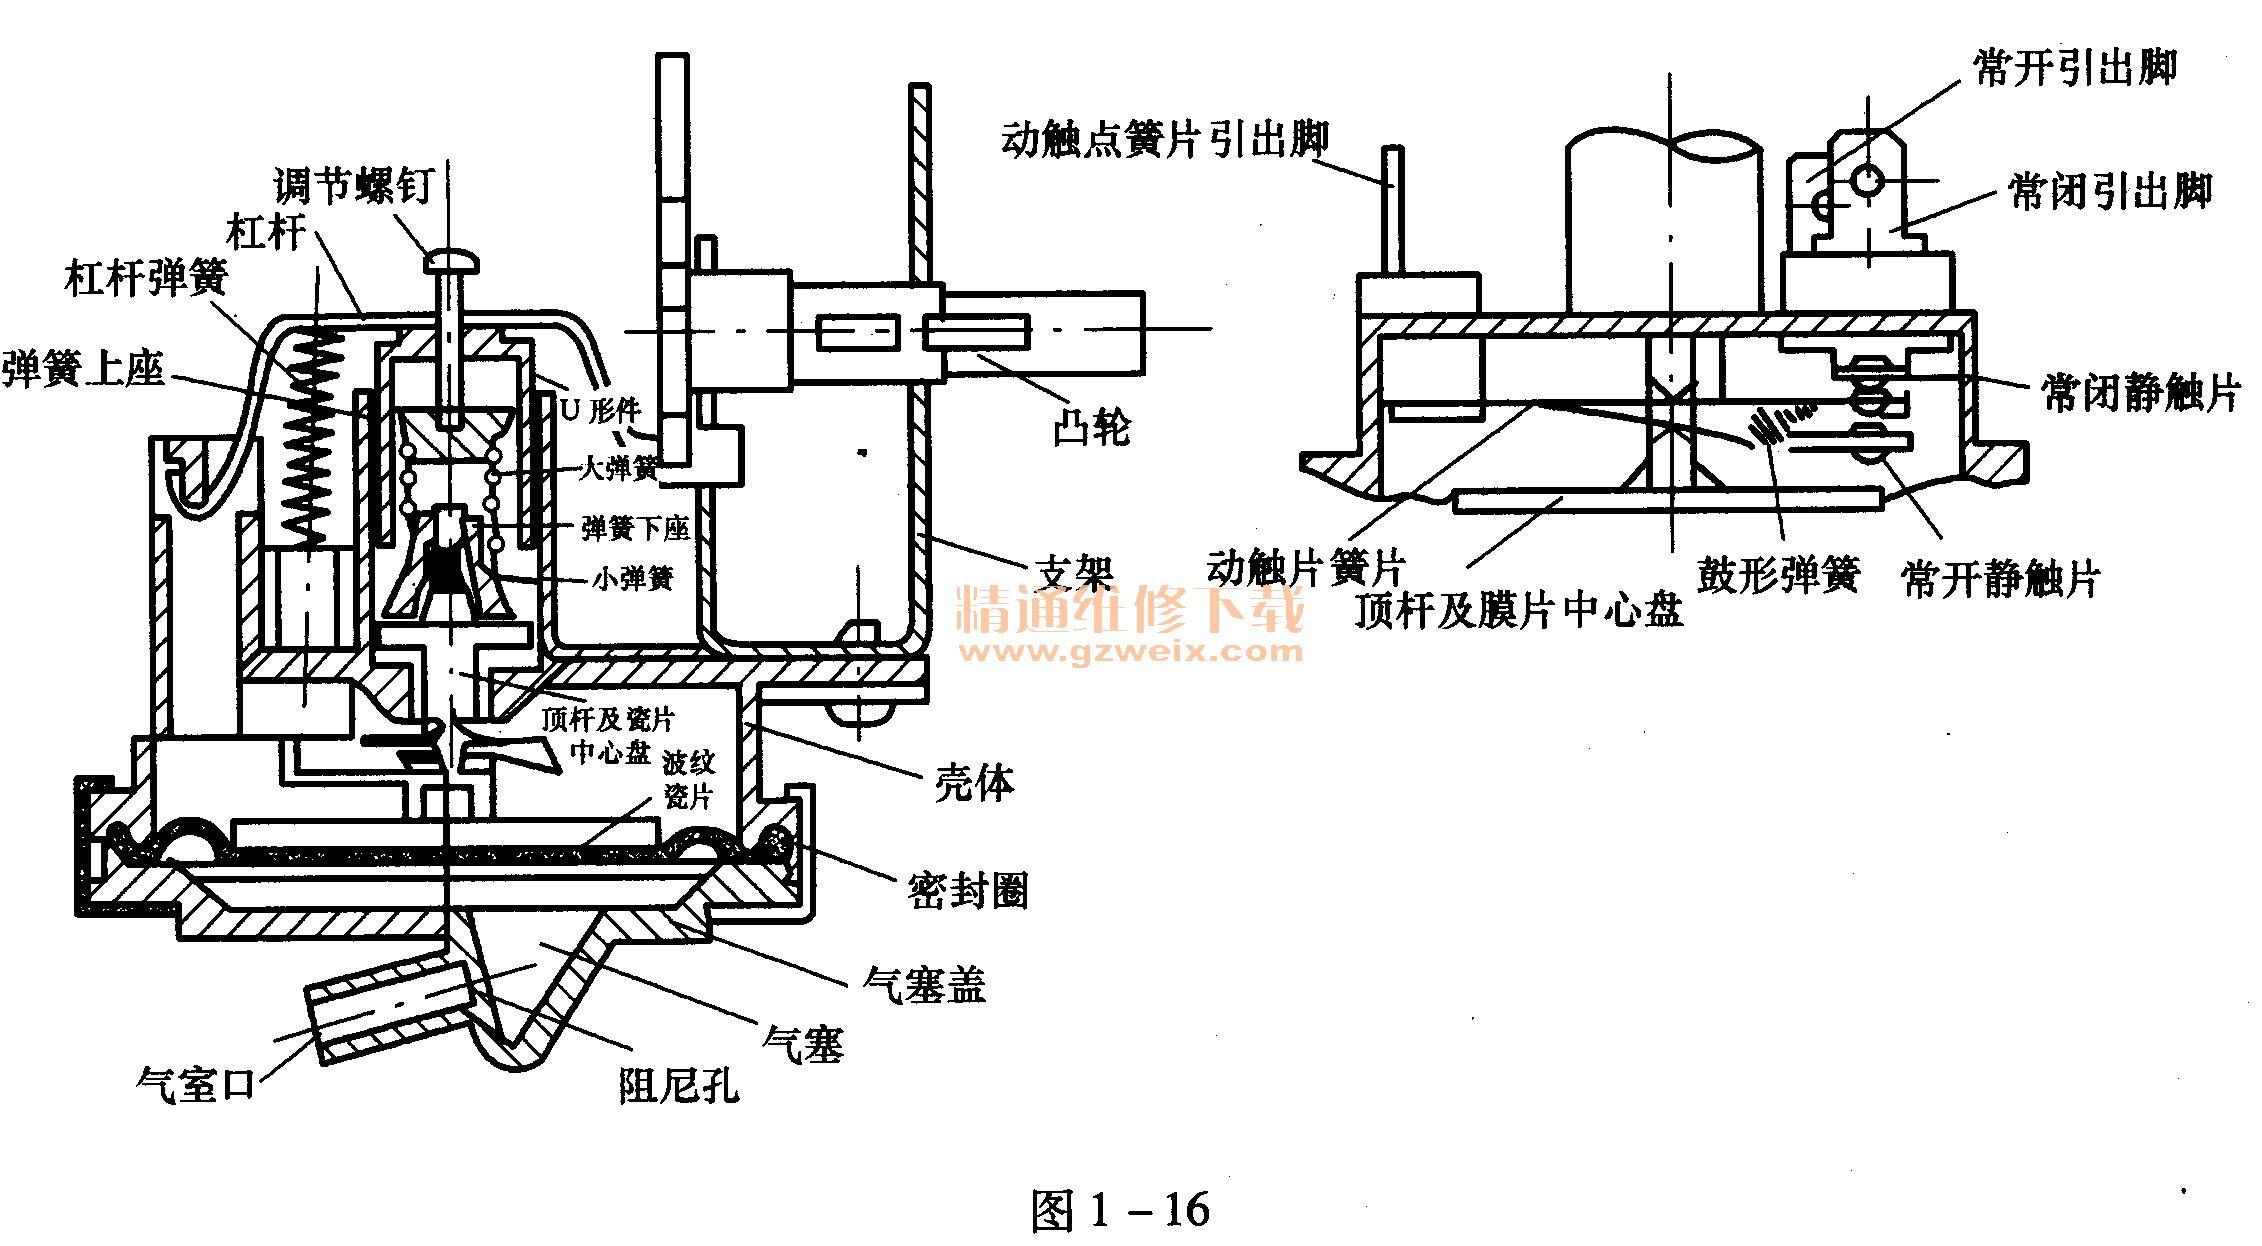 检查与分析:根据现象分析,该故障可能发生在水位开关等相关部位。该机系电脑程控器控制,水位开关结构如图1-16所示,其工作原理是:当水注入盛水桶后,集气室口很快被封闭,随着水位升高桶内的水压也不断升高,由于气塞内空气压力与桶内水压相等,故气塞内空气压力也不断升高,水位开关气室内的波纹薄膜受压胀起,推动顶杆向上运动,首先压缩小弹簧,继而压缩大弹簧,当达到额定水位后顶杆推动簧片,触点发生切换。排水时,水位下降,气塞内空气压力降低,膜片受压下降,顶杆下移,大弹簧逐渐恢复原状,小弹簧也接着恢复原状,顶芯下移,推动簧